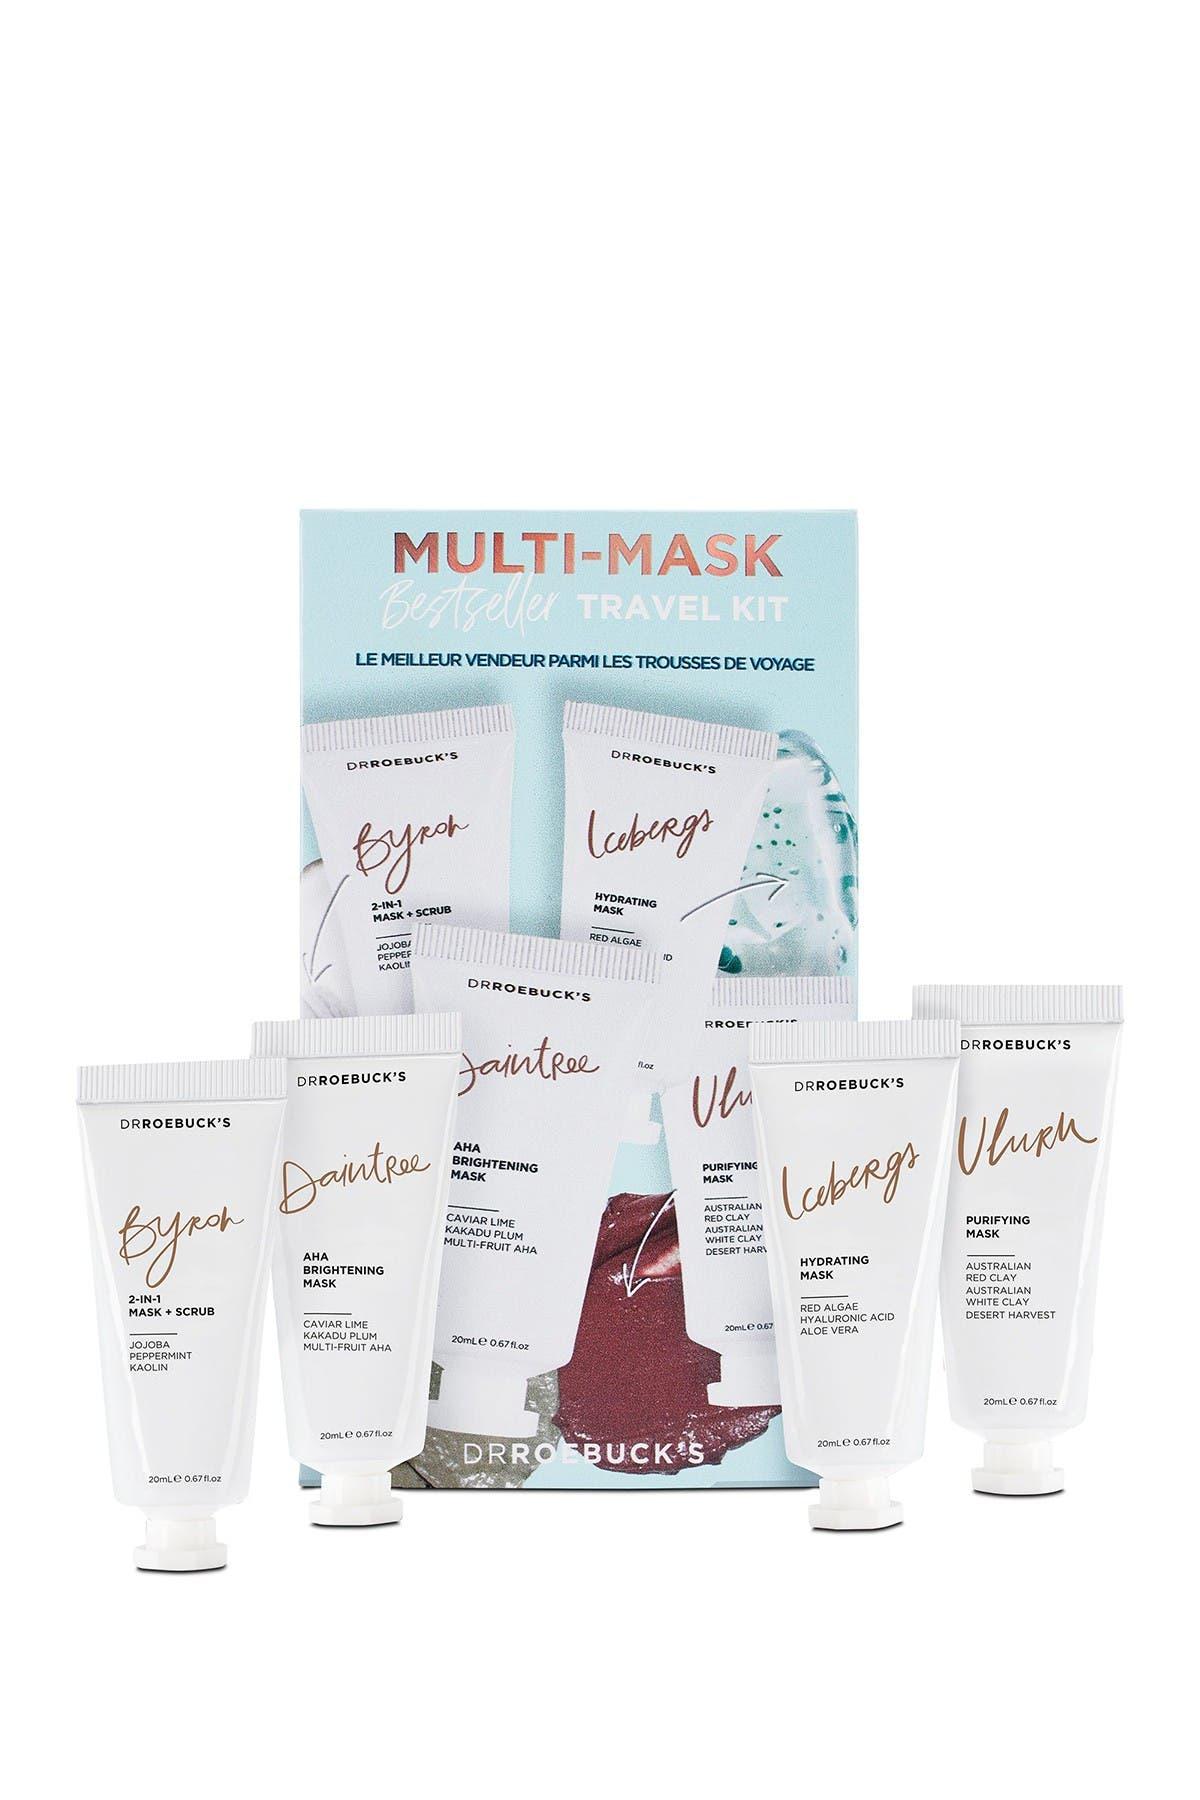 Image of Dr Roebuck's Multi-Mask Bestseller Travel Kit